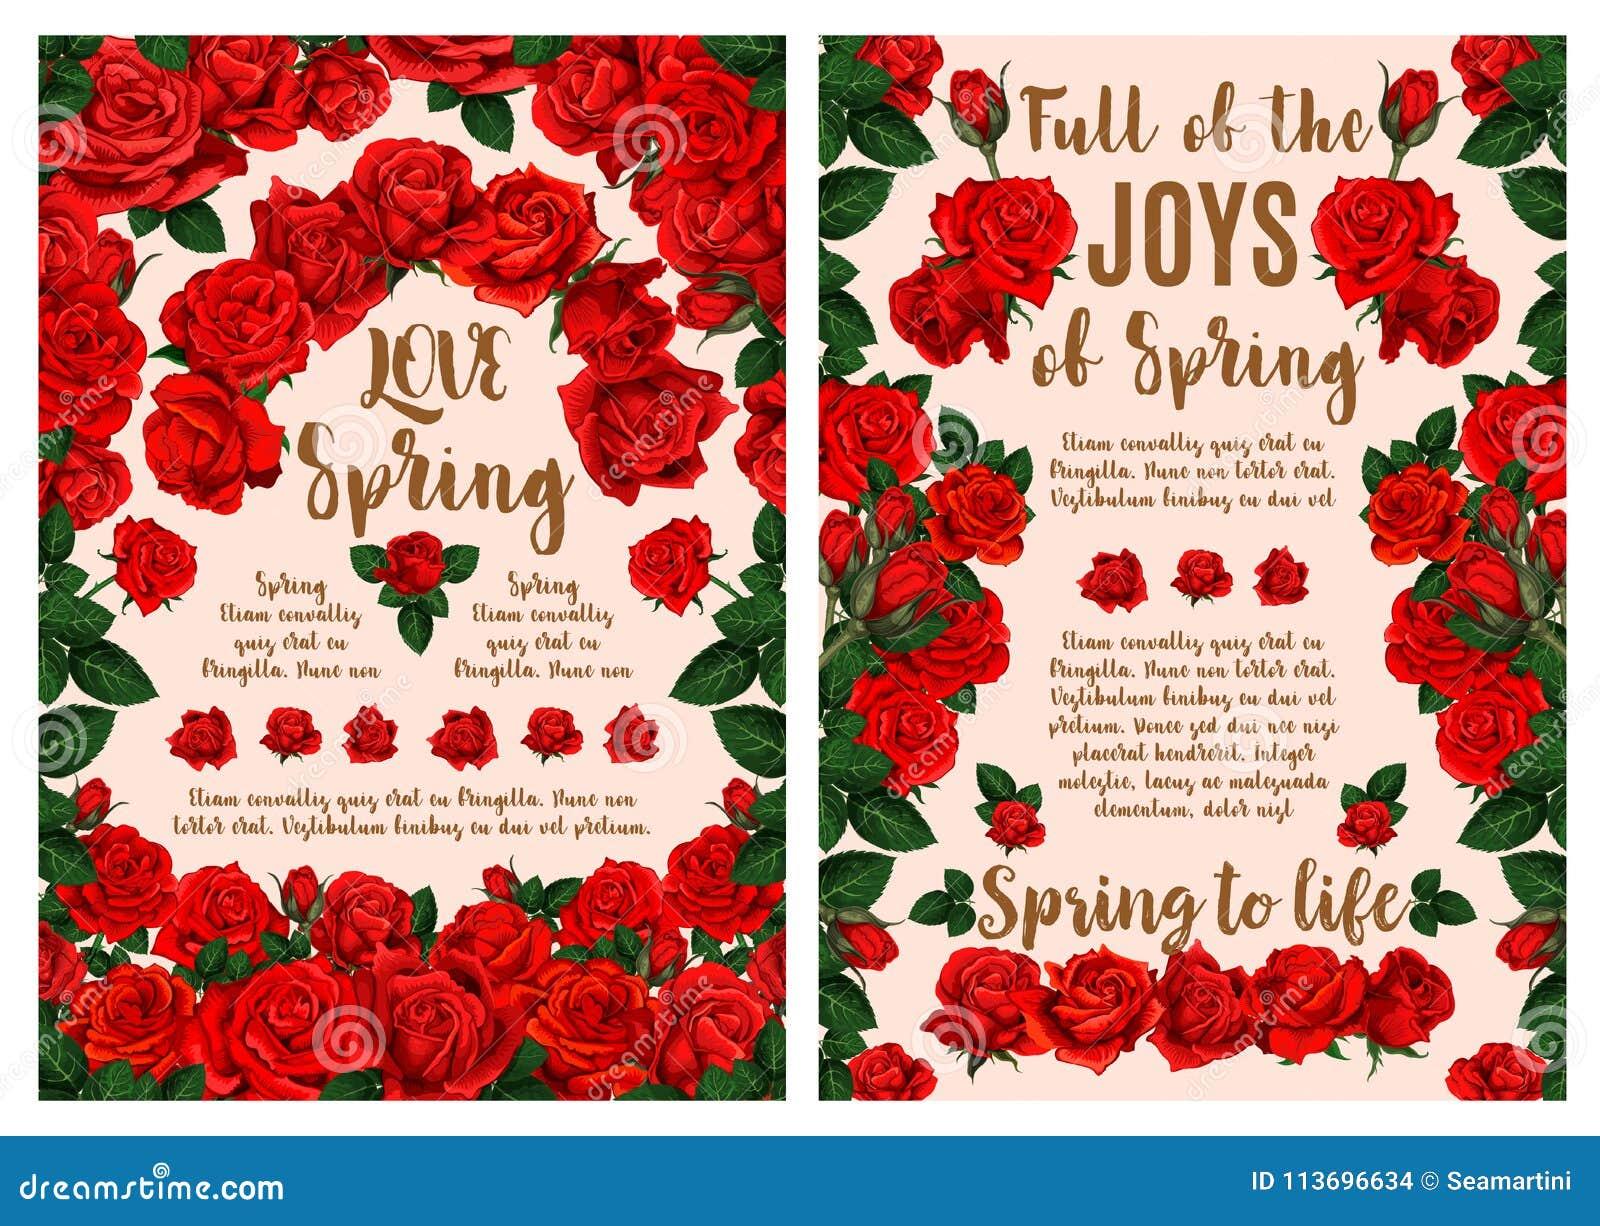 Rose Flower Greeting Card For Spring Season Design Stock Vector